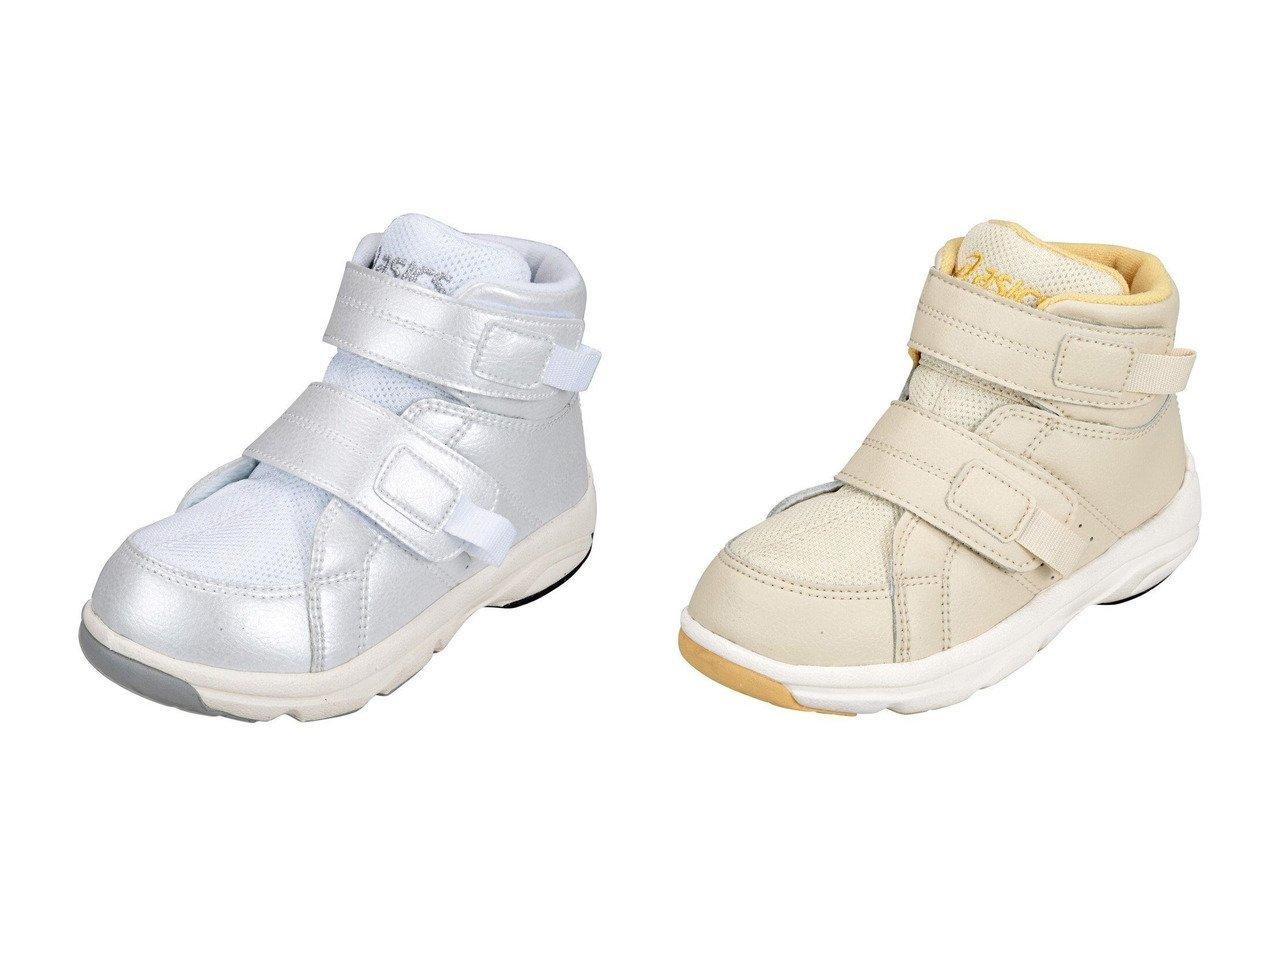 【ASICS WALKING / KIDS/アシックス ランウォーク】のGD.WALKER R MINI-HI&GD.WALKER R MINI-HI 【KIDS】子供服のおすすめ!人気トレンド・キッズファッションの通販  おすすめで人気の流行・トレンド、ファッションの通販商品 インテリア・家具・メンズファッション・キッズファッション・レディースファッション・服の通販 founy(ファニー) https://founy.com/ ファッション Fashion キッズファッション KIDS 送料無料 Free Shipping シューズ フィット 抗菌 |ID:crp329100000044839